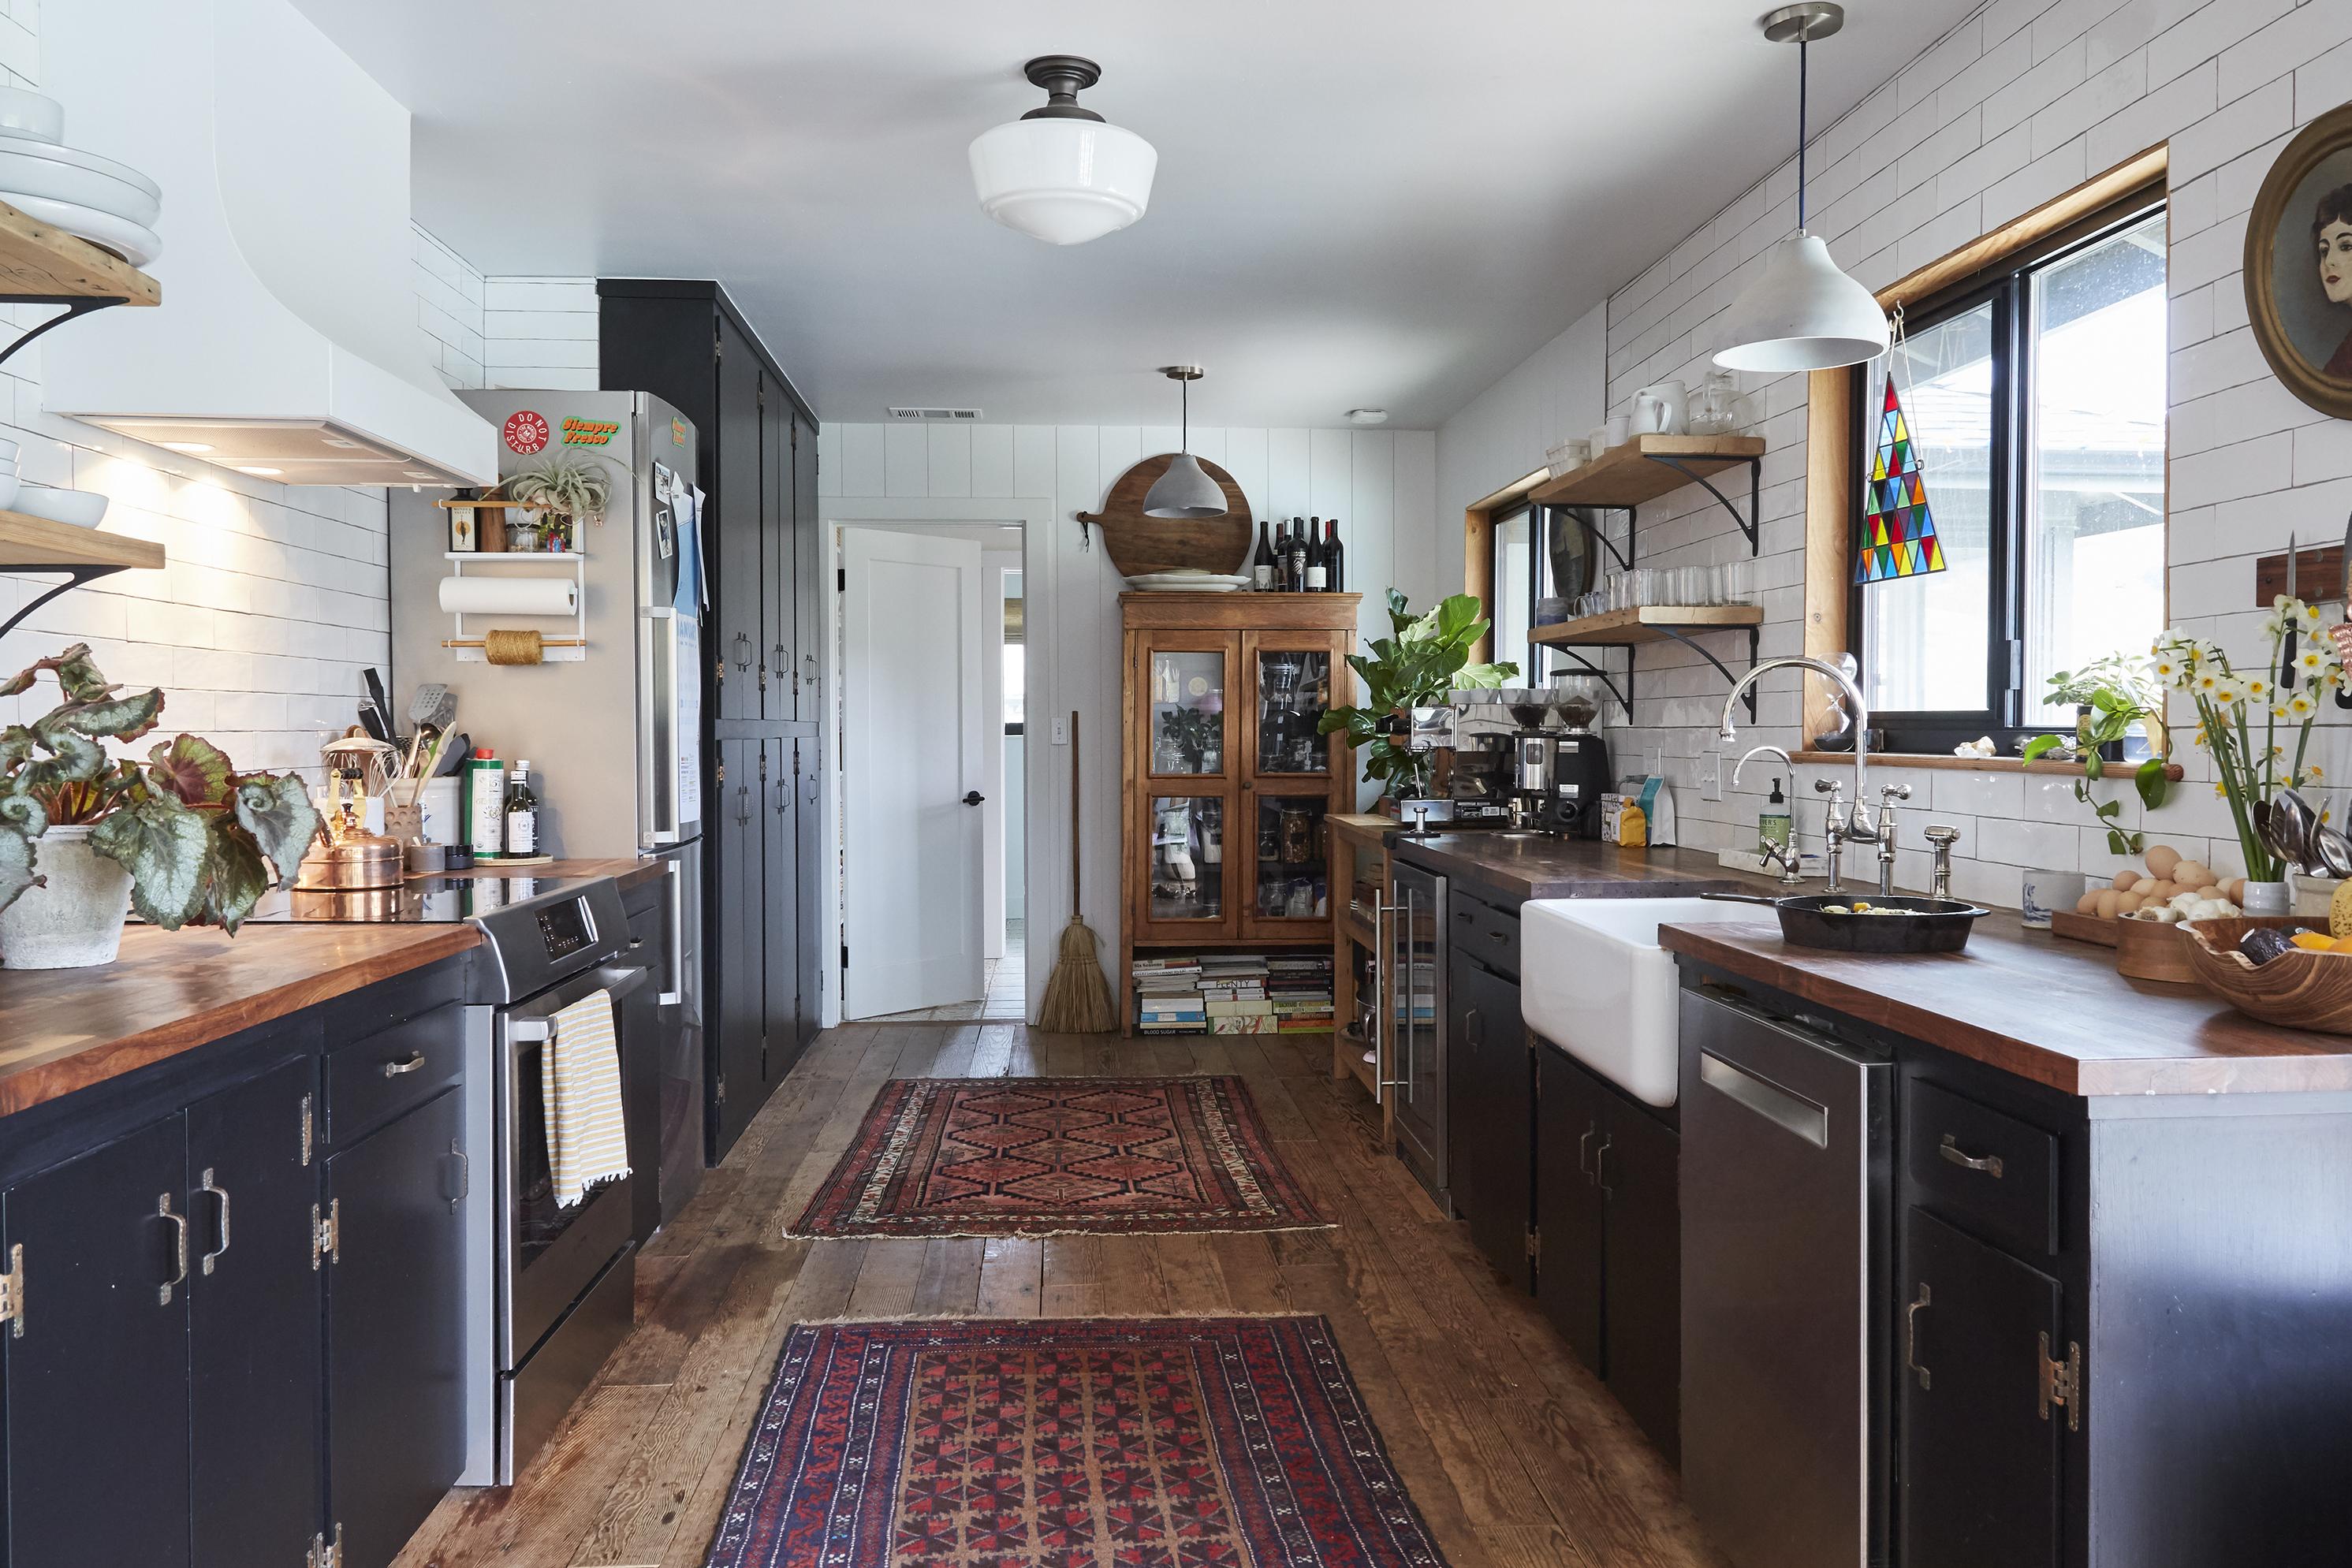 Kitchen of  Eric Pfleeger and Christa Renee in Arroyo Grande, CA